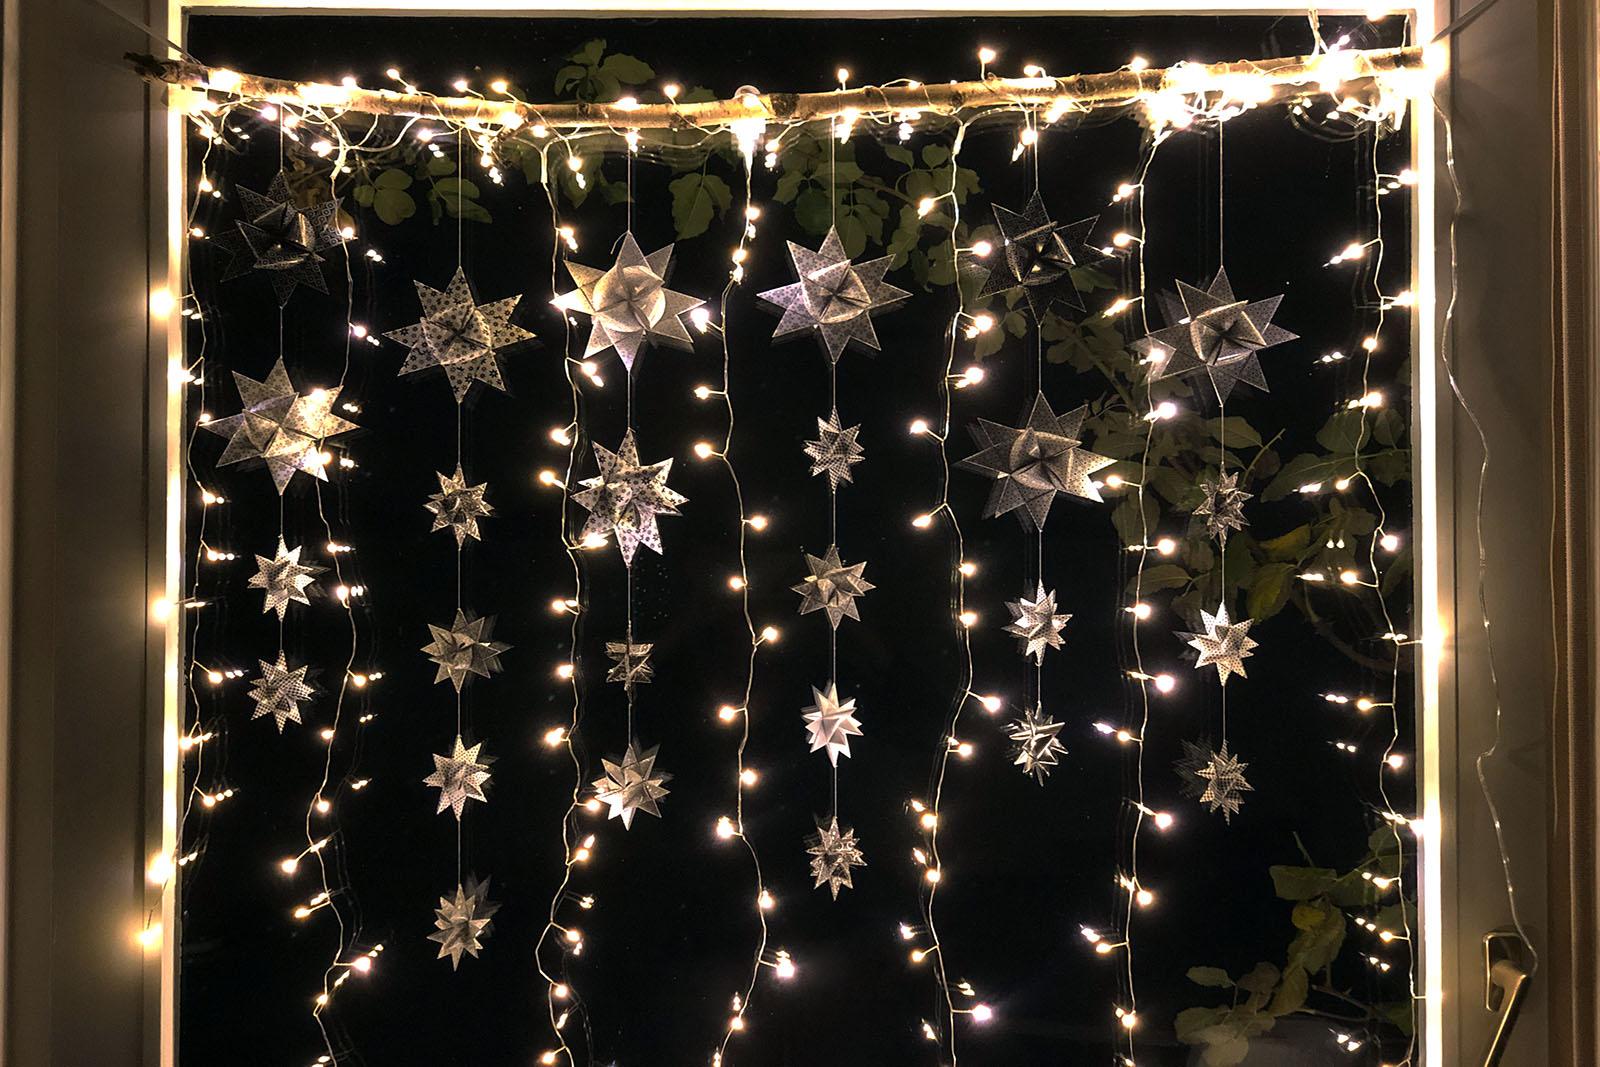 Full Size of Weihnachtsbeleuchtung Fenster Mit Kabel Led Silhouette Stern Pyramide Innen Amazon Batteriebetrieben Frs Selber Machen Faminino Absturzsicherung Rollos Veka Fenster Weihnachtsbeleuchtung Fenster